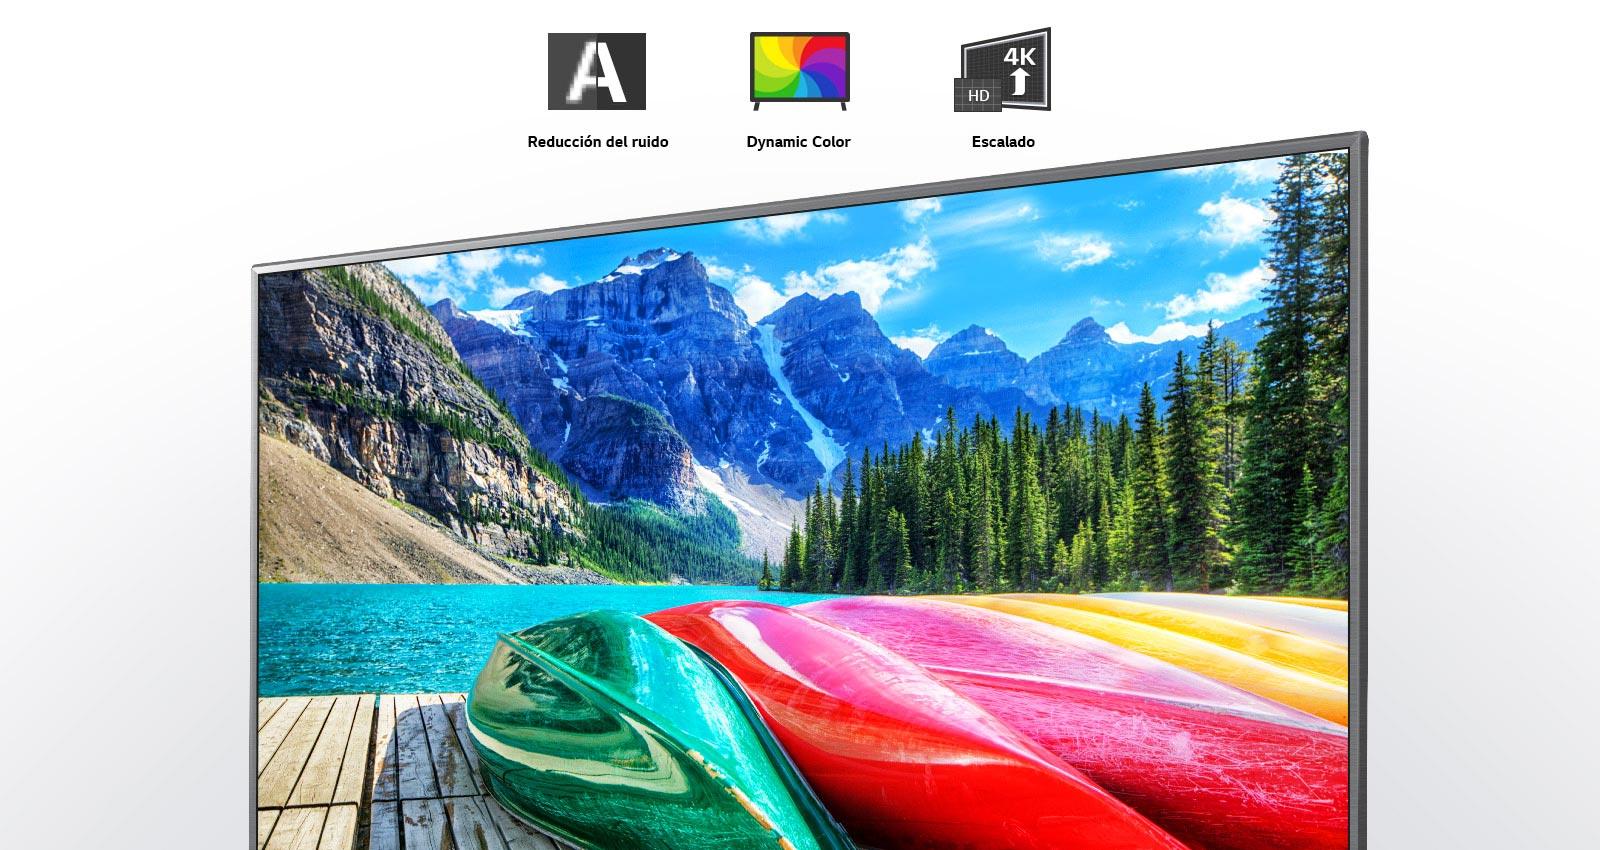 Los iconos de reducción del ruido, color dinámico y escalado y una pantalla de televisor que muestra una imagen panorámica de montañas, bosque y un lago.